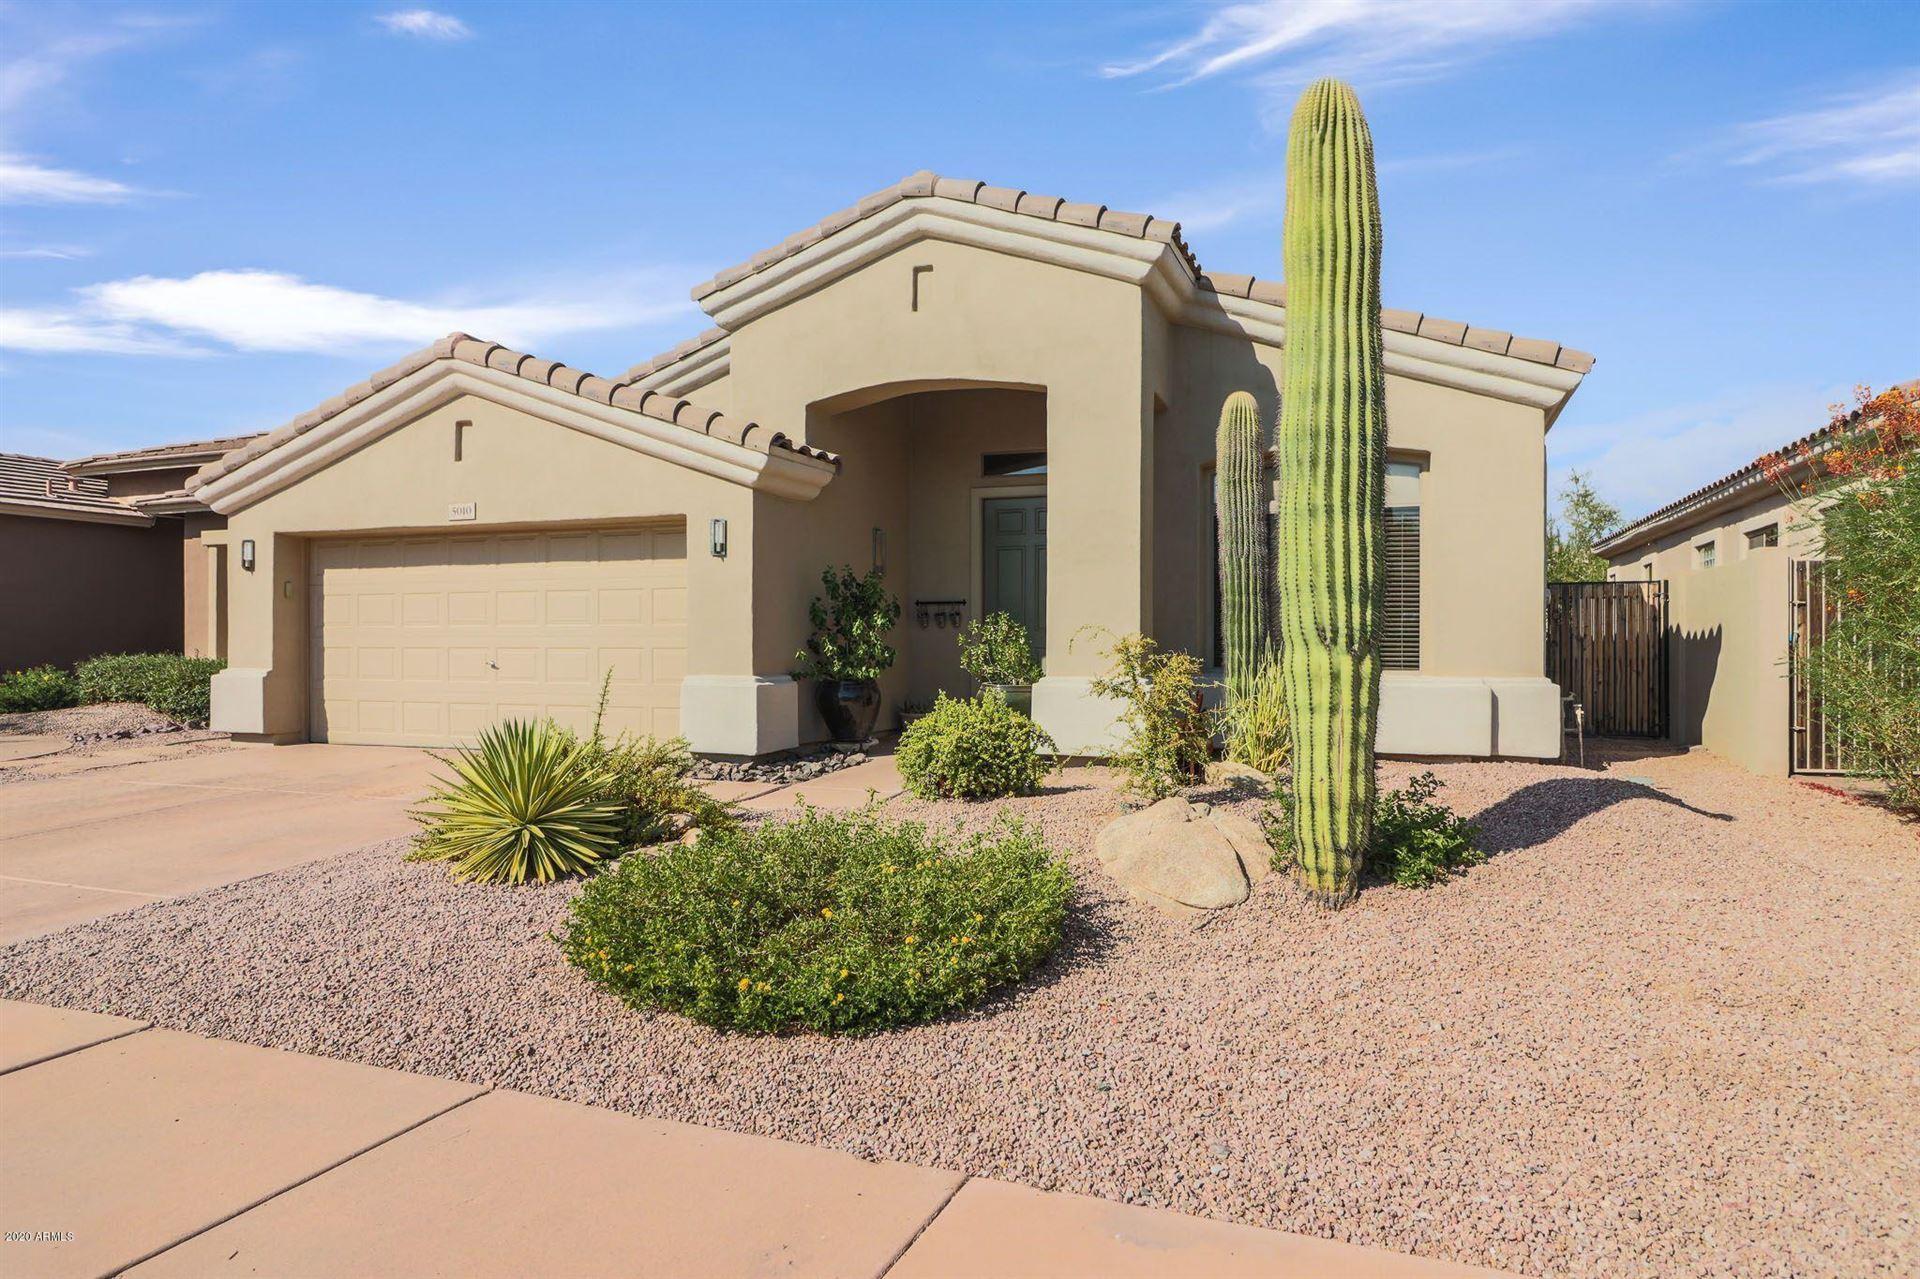 5010 E Robin Lane, Phoenix, AZ 85054 - MLS#: 6120425